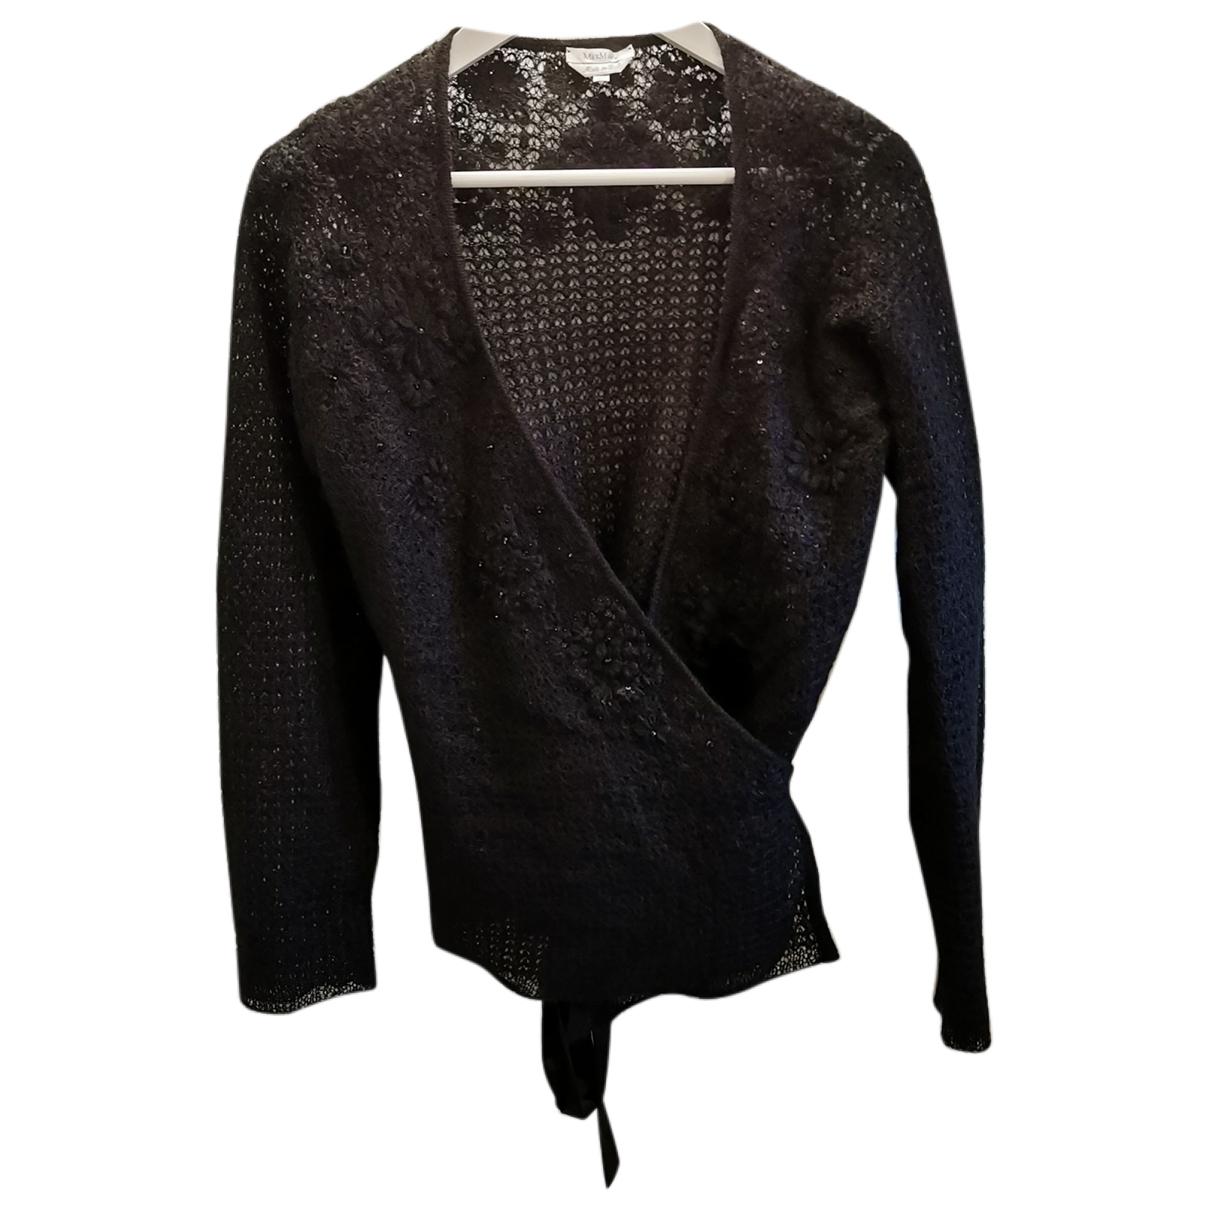 Max Mara \N Pullover in  Schwarz Wolle